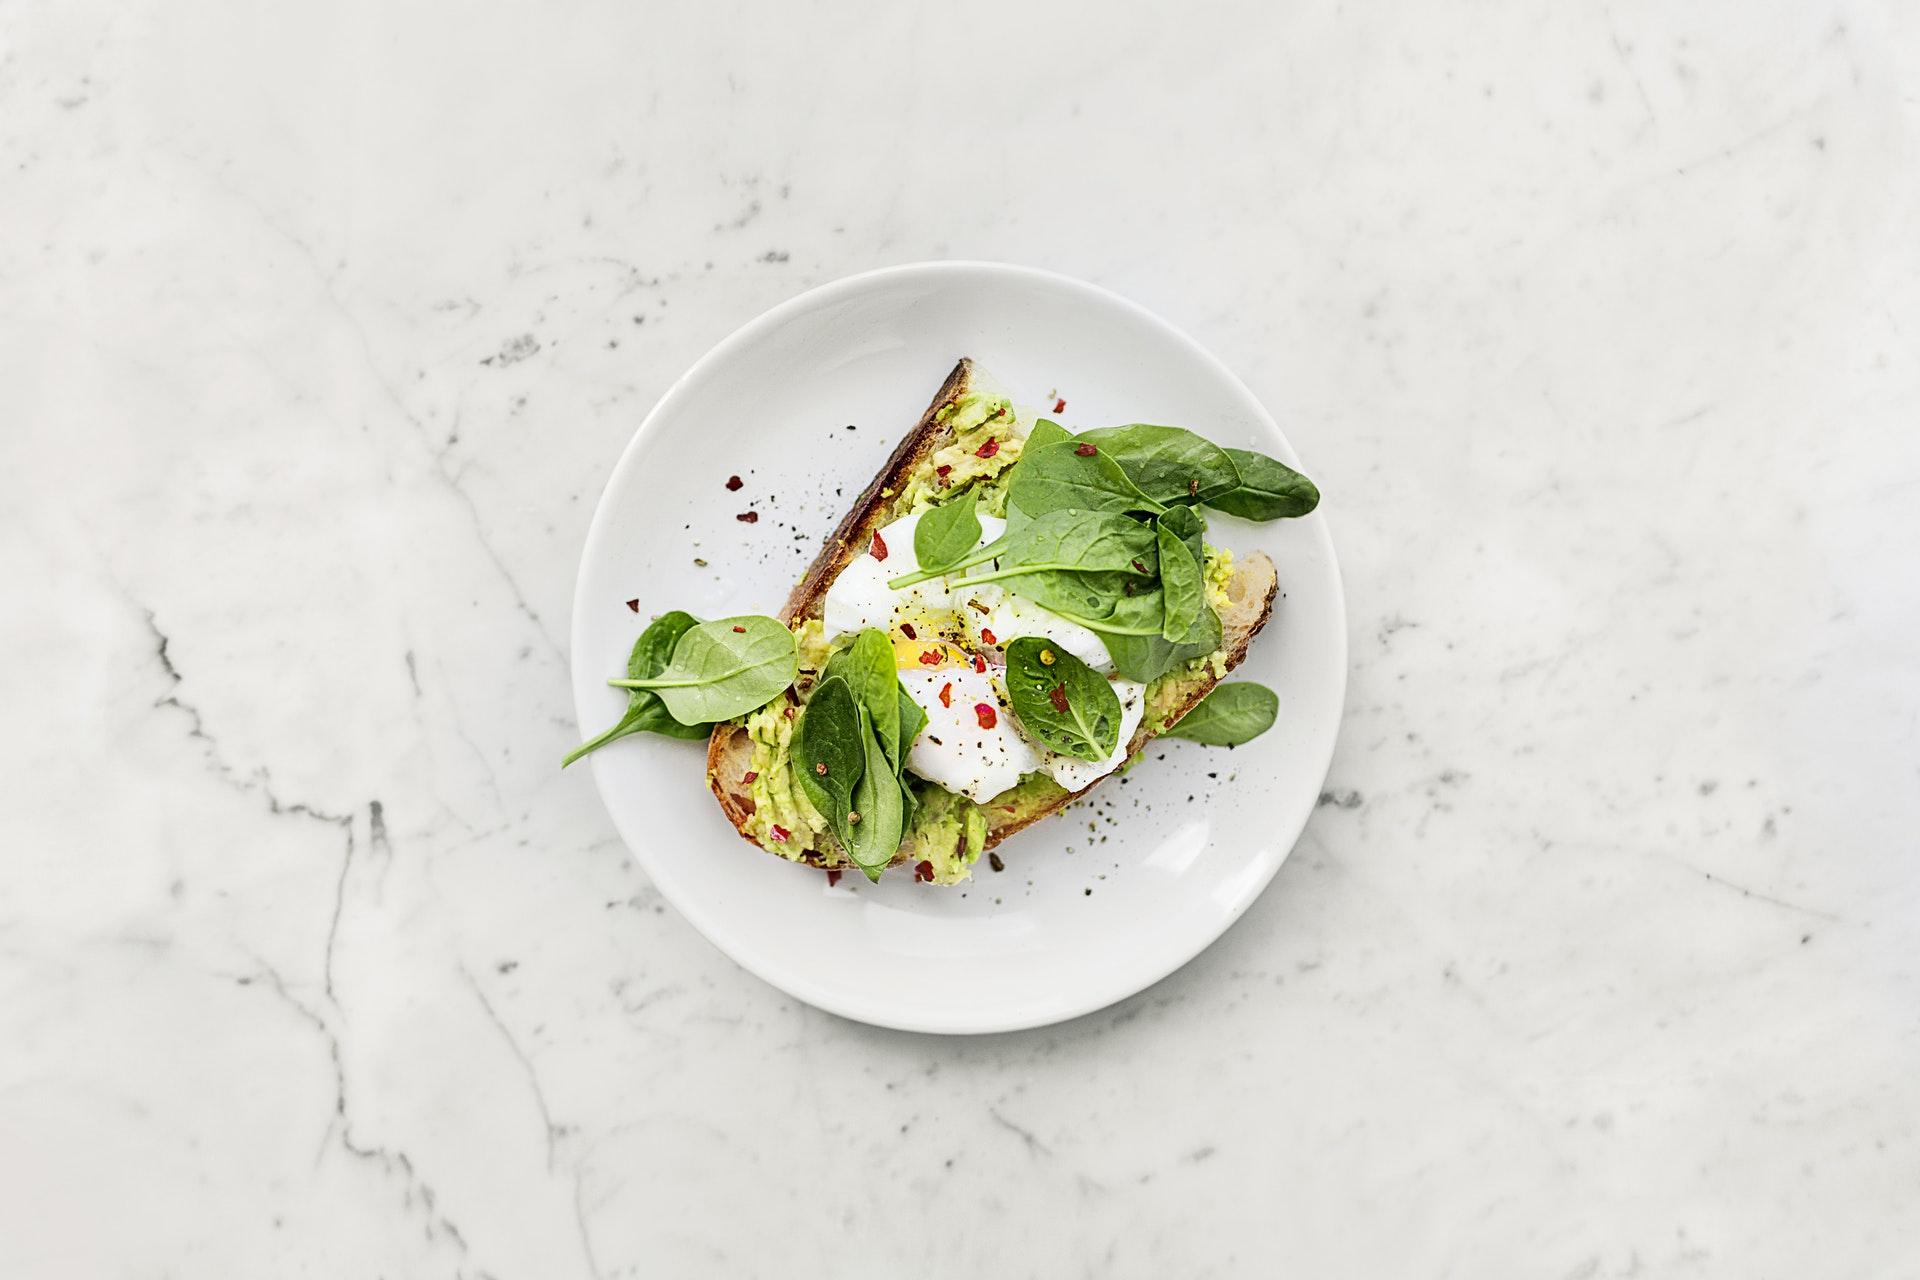 Mad, salat, sundt, sundhed, madspil, aftensmad, middag, frokost